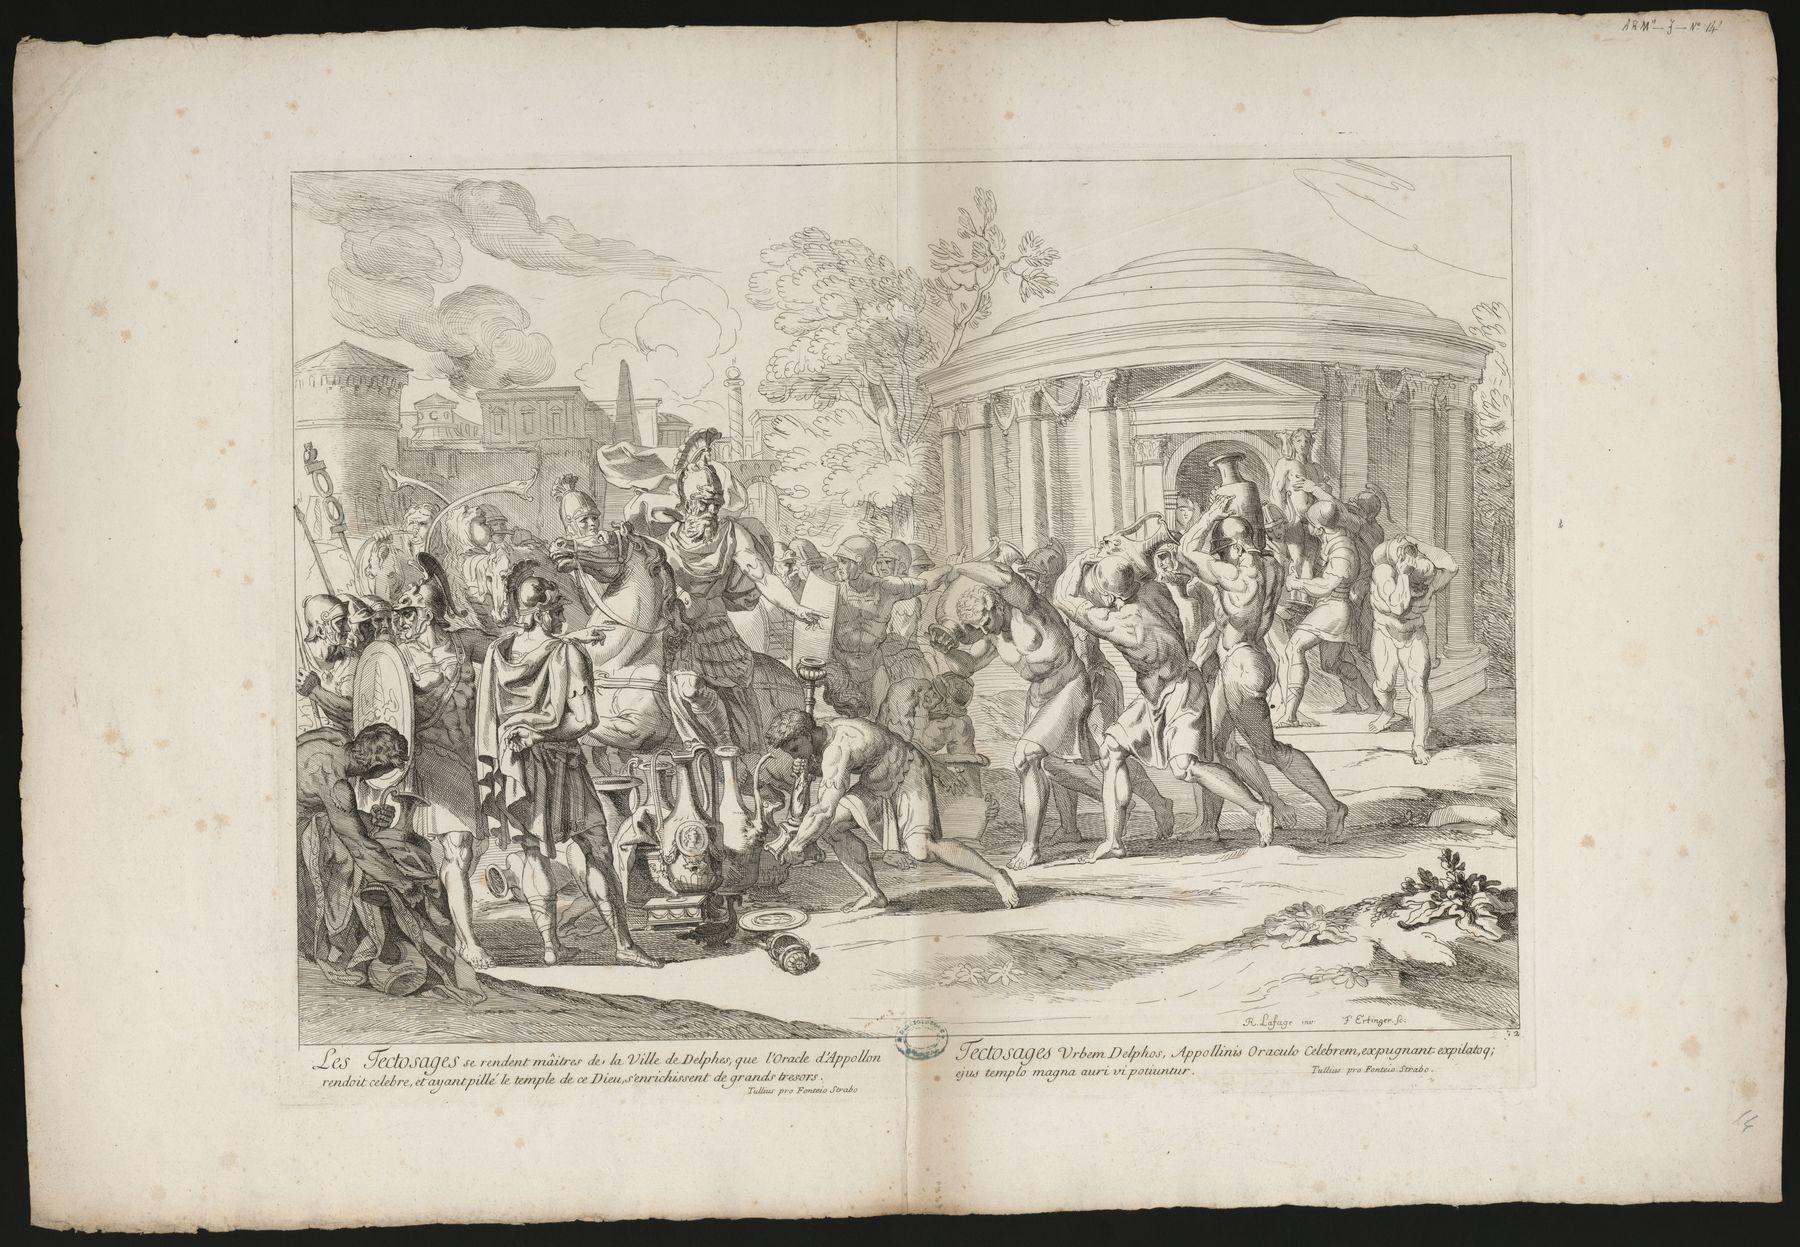 Contenu du Les Tectosages se rendent maîtres de la ville de Delphes